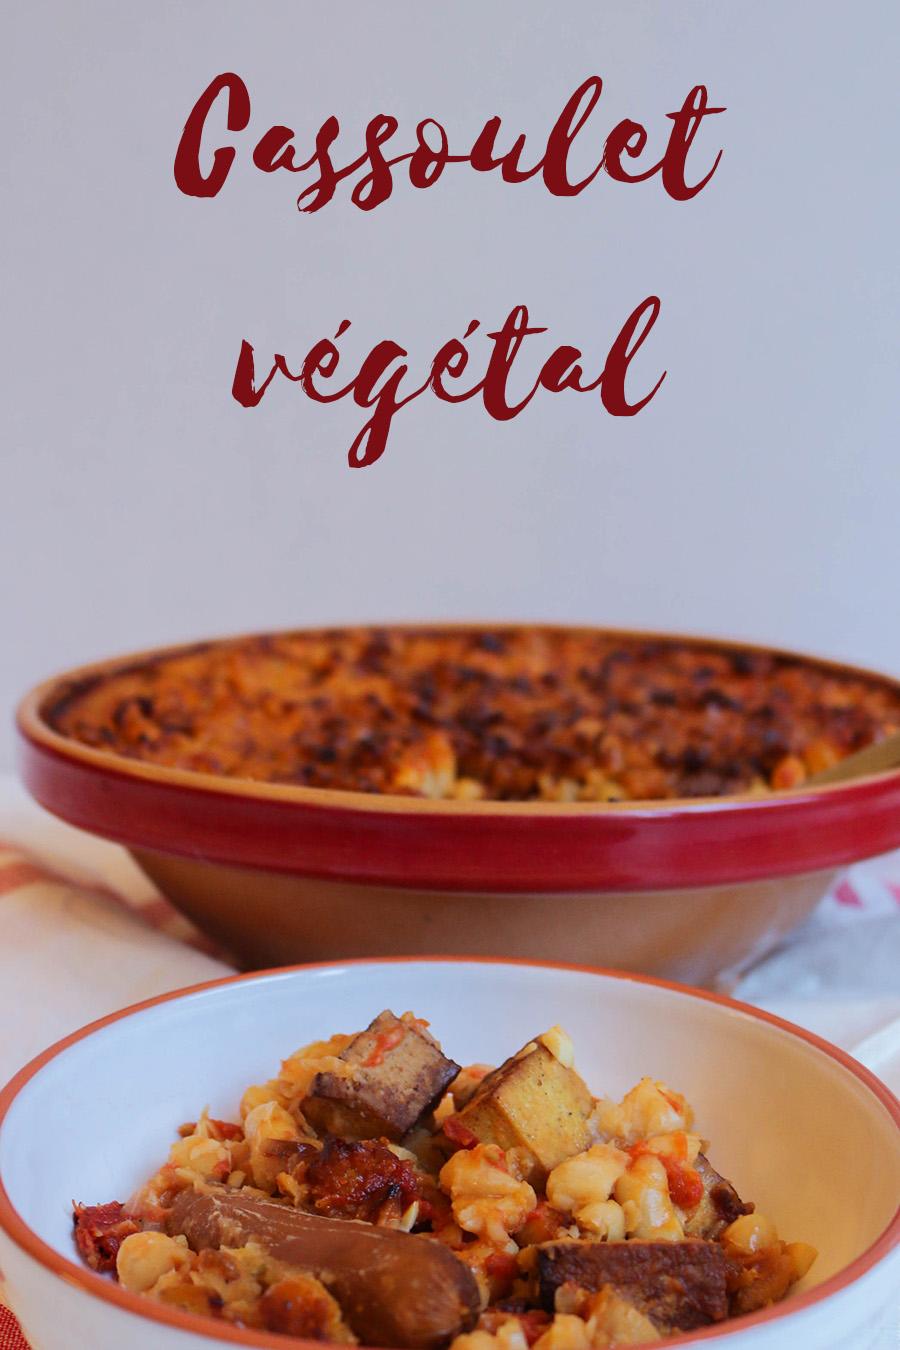 recette cassoulet végétal